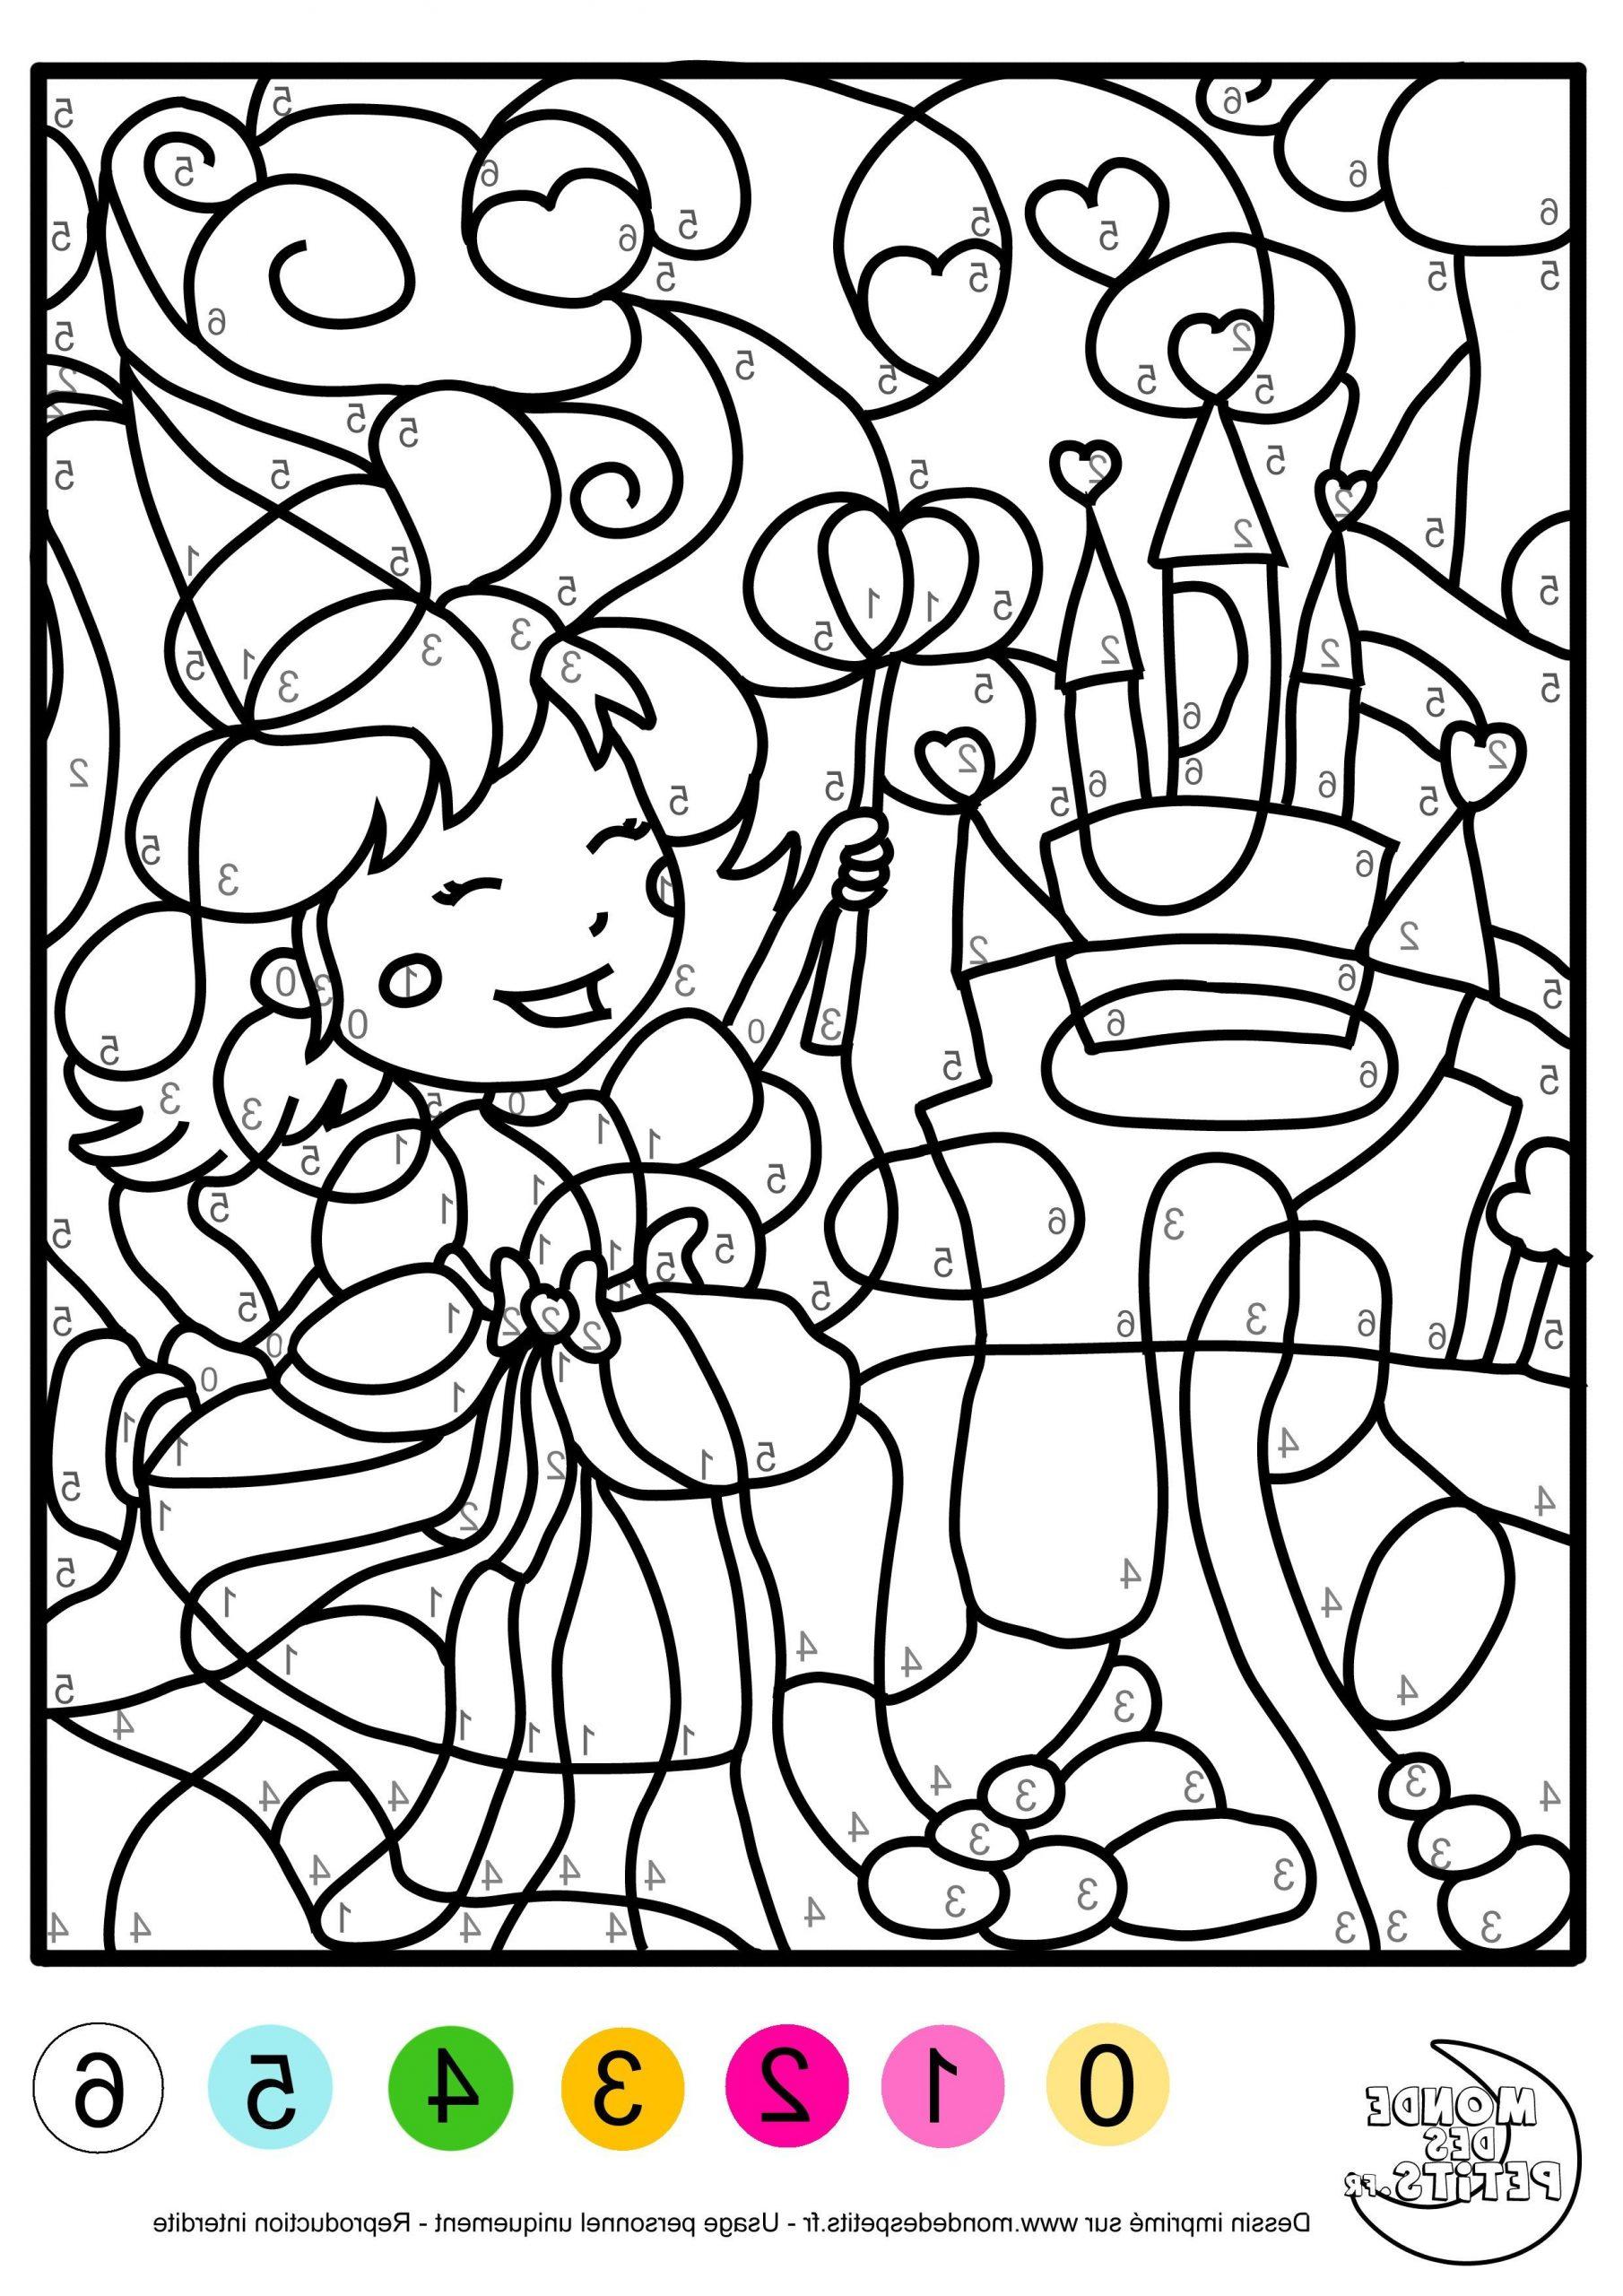 Coloriage Enfant 5 Ans . 14 Créatif Coloriage Enfant 5 Ans dedans Puzzle Gratuit Pour Fille De 3 Ans